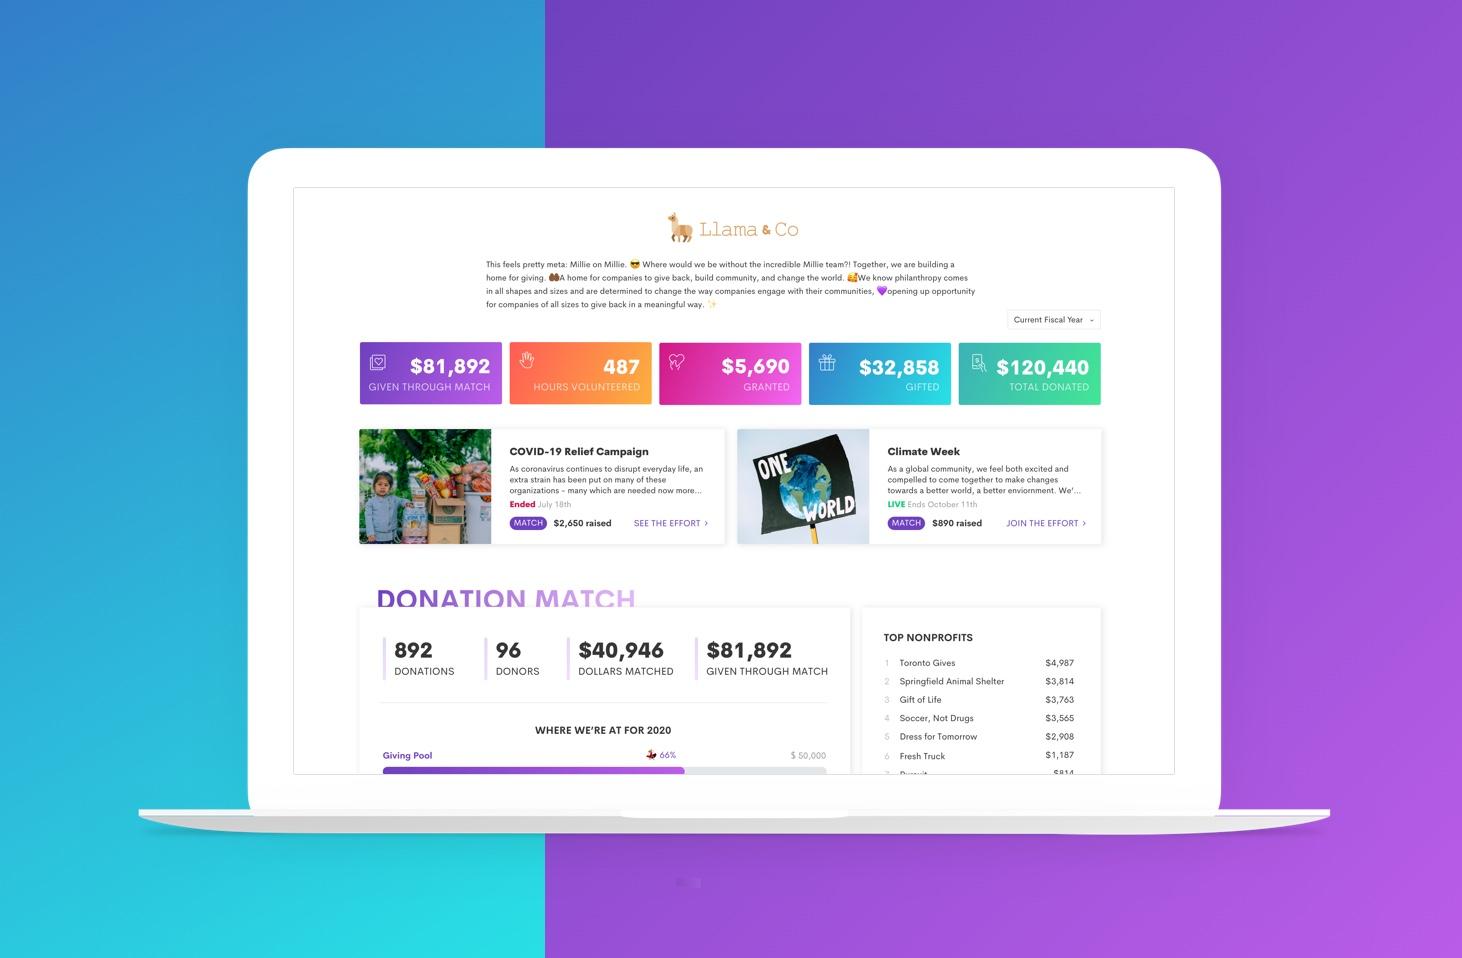 social impact dashboard millie